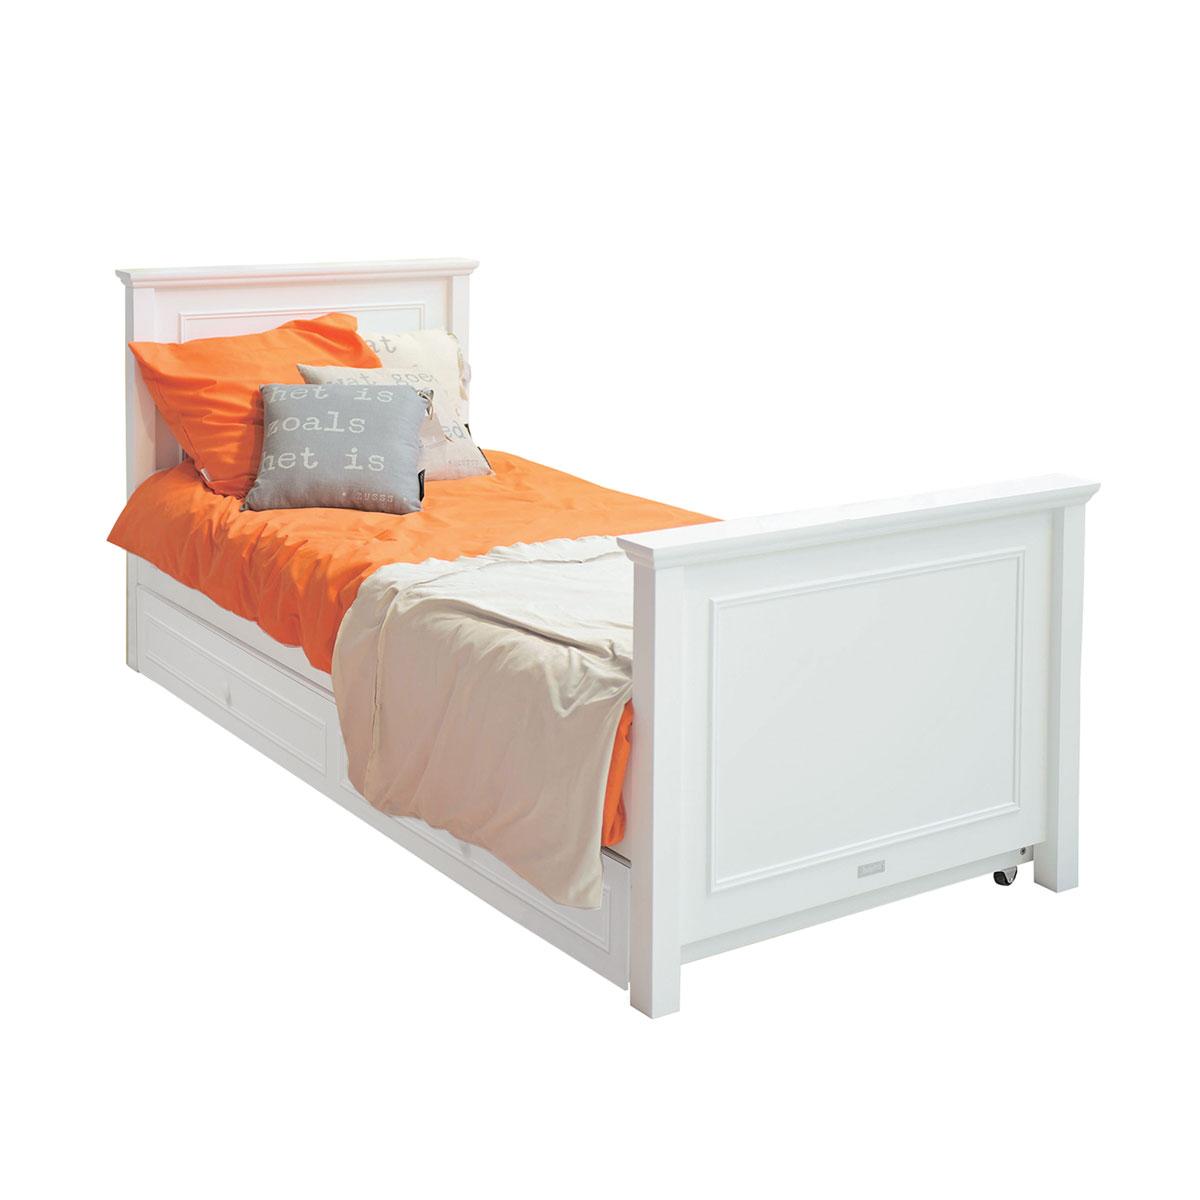 Full Size of Betten 90x200 Bopita Charlotte Bett Cm Mit Aufbewahrung Luxus Tempur Boxspring Günstig Kaufen 180x200 Ikea 160x200 Rauch 140x200 Paradies Günstige Bettkasten Bett Betten 90x200